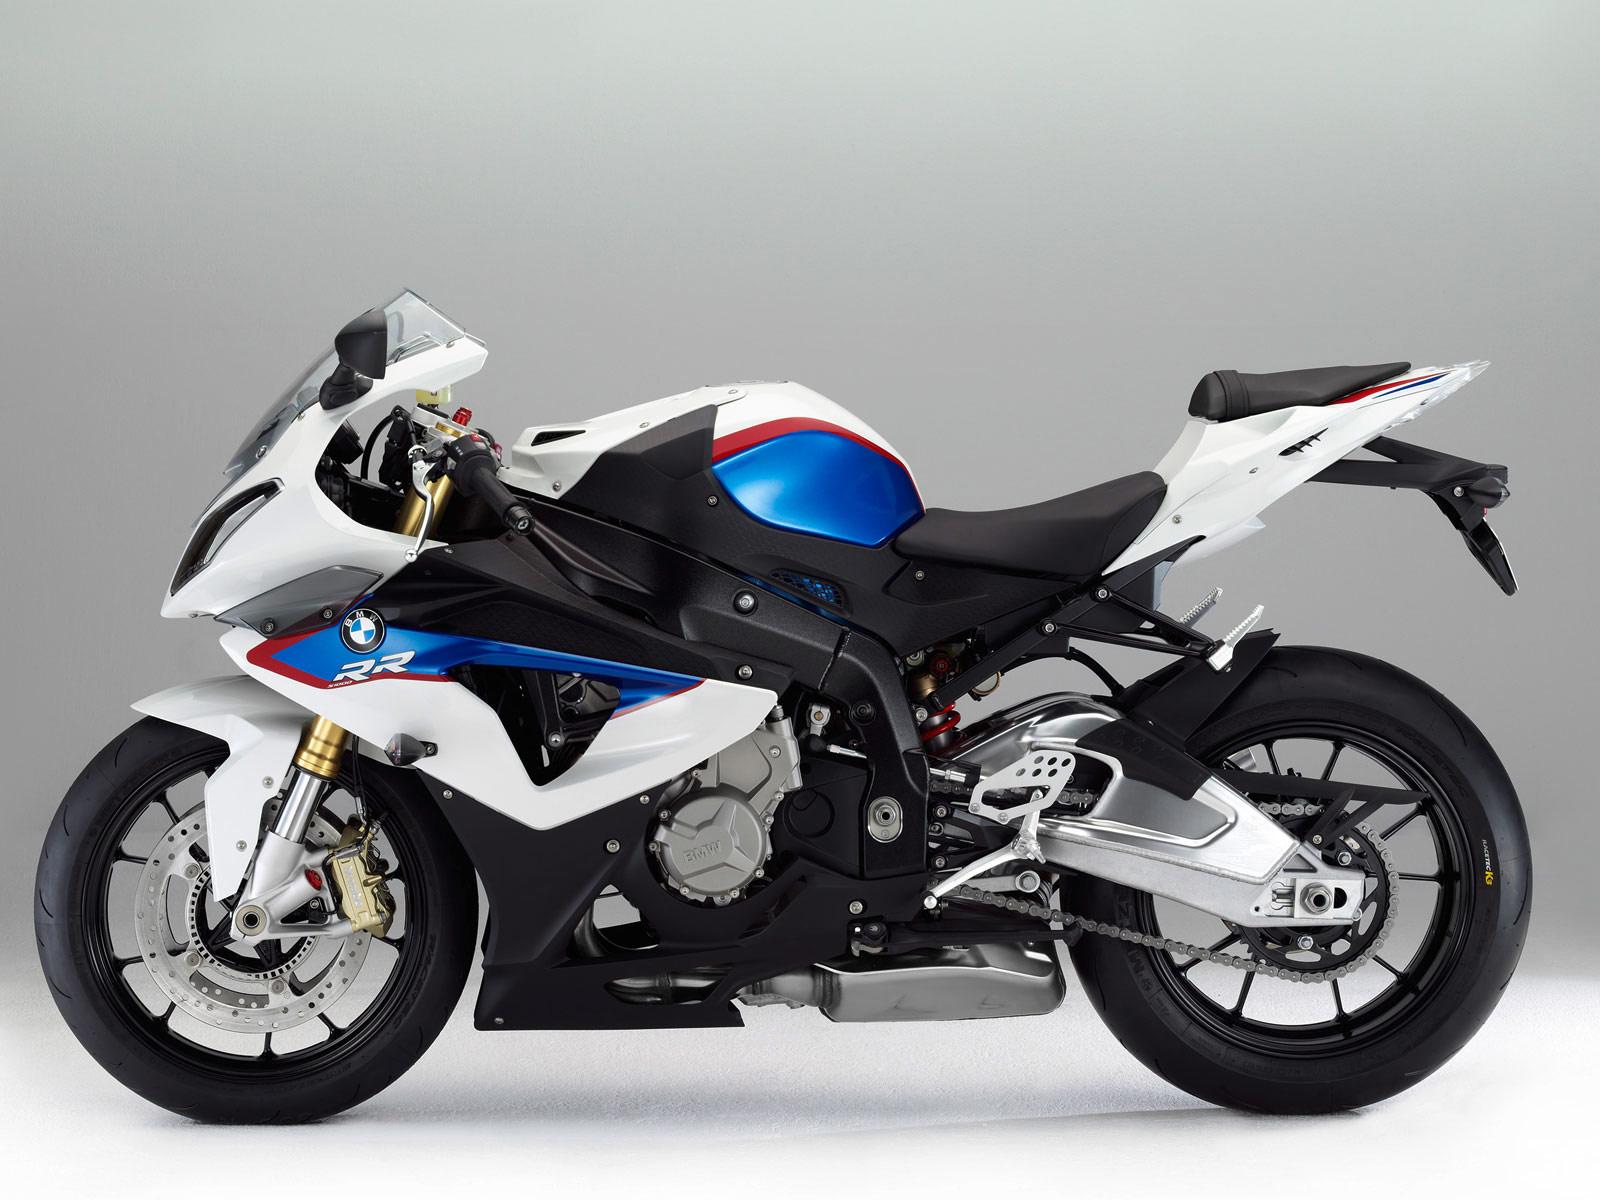 2012 BMW S1000RR Motorcycle Desktop Wallpapers